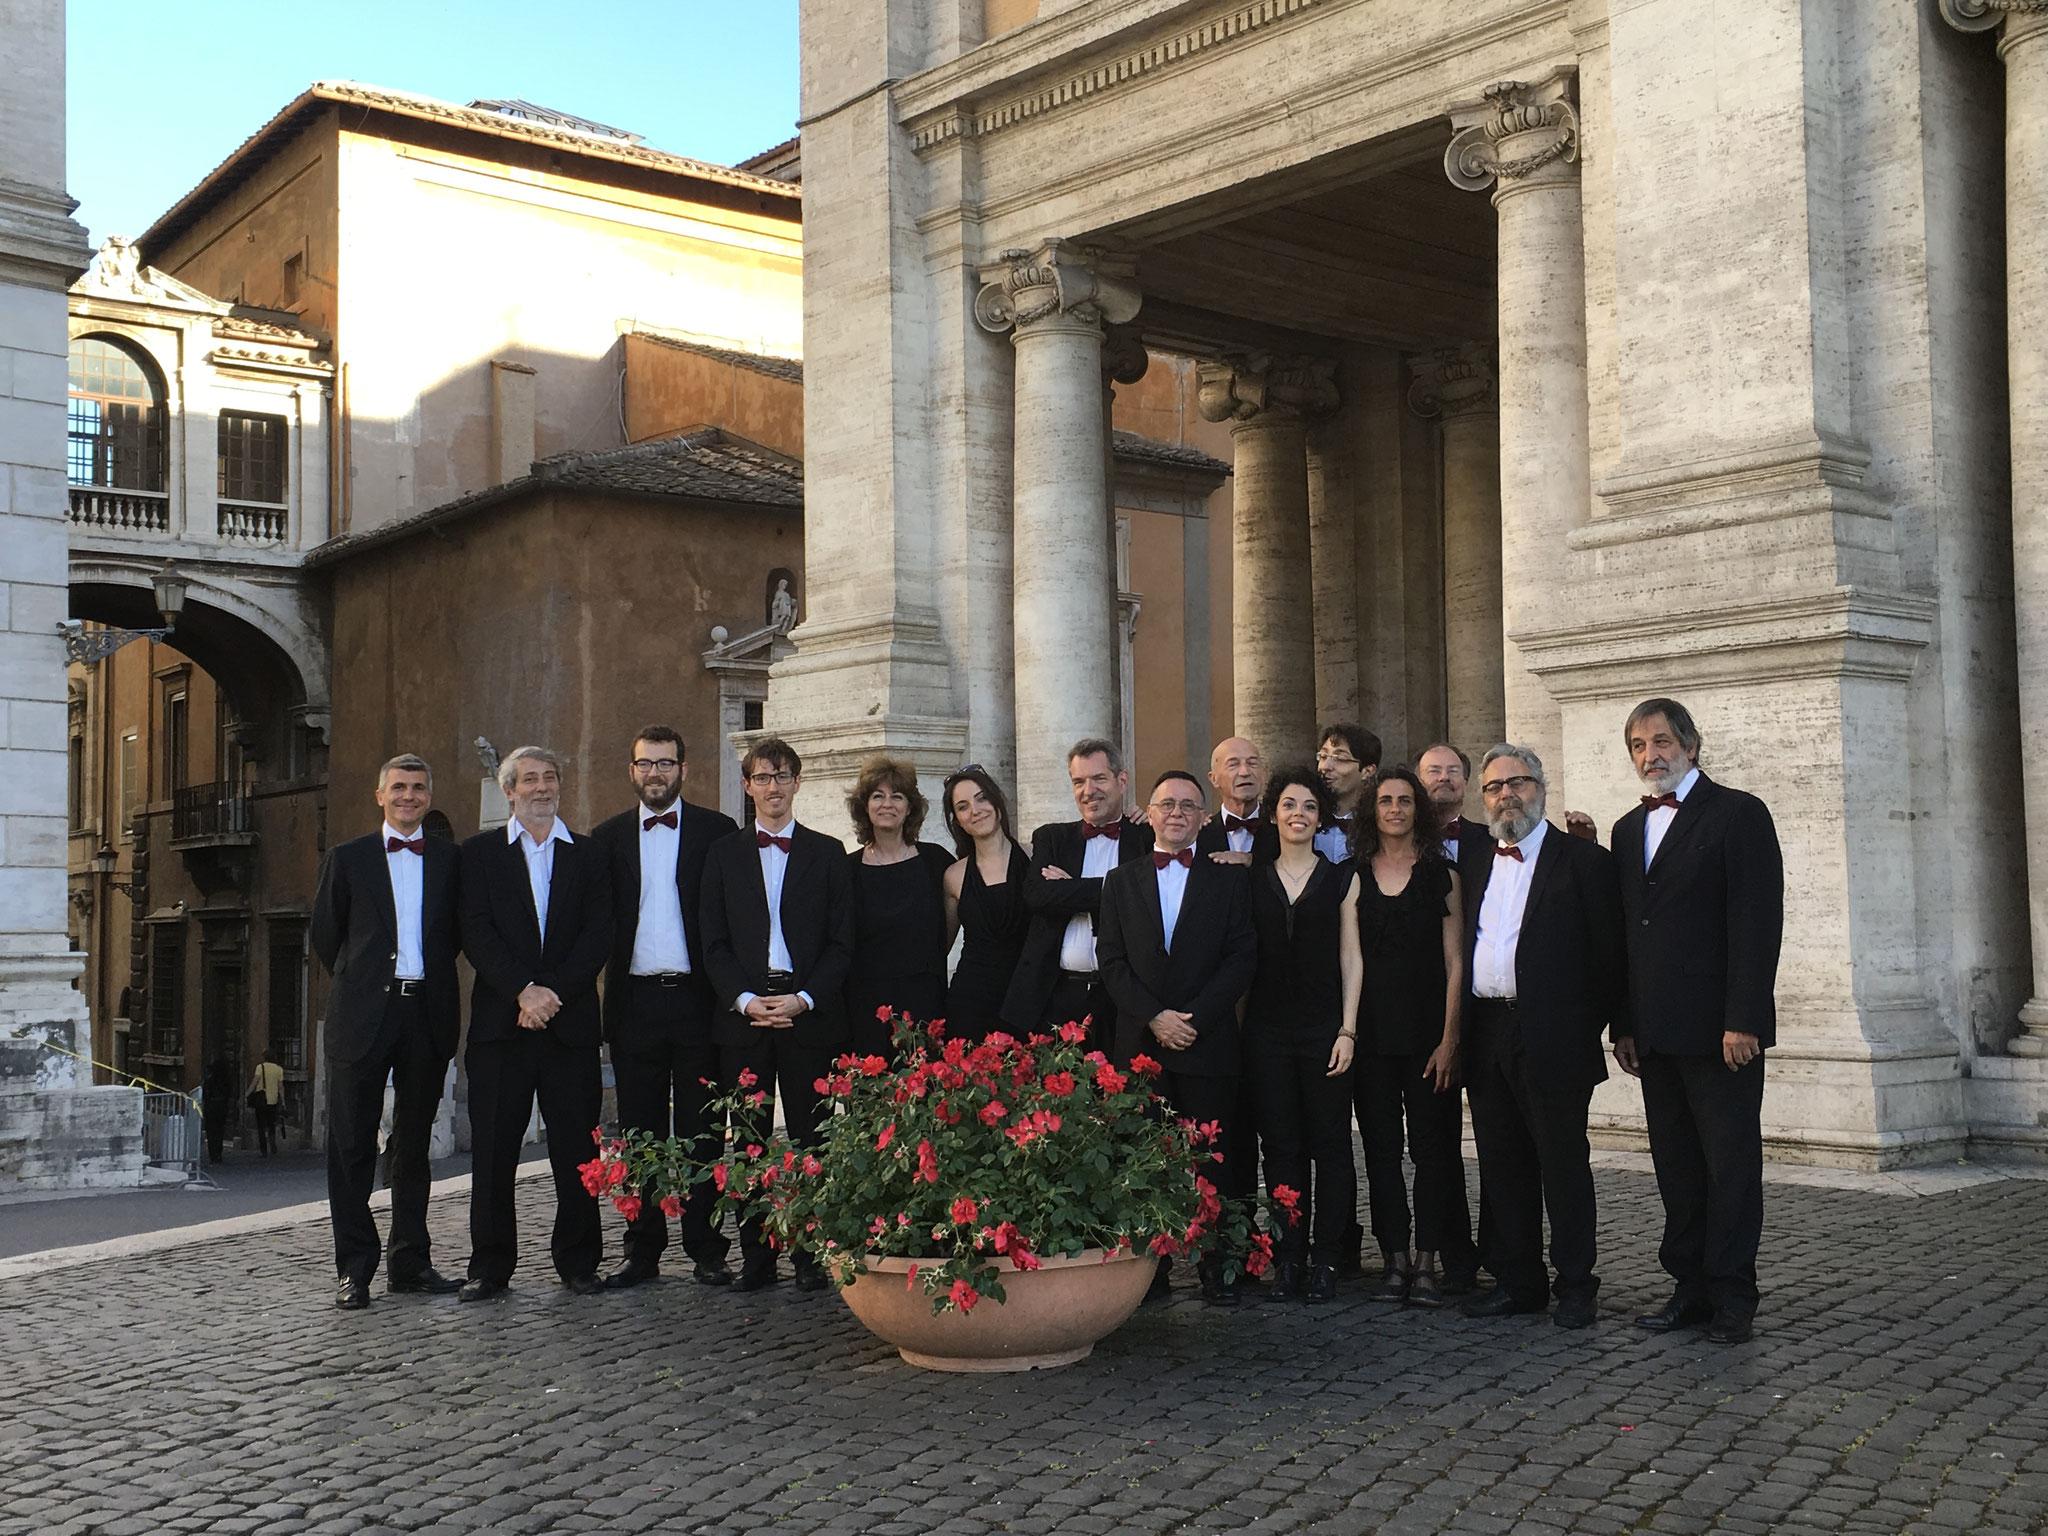 """Roma, 20 maggio 2017 - """"La Notte dei Musei"""" - (Musei Capitolino - Protomoteca del Campidoglio)"""